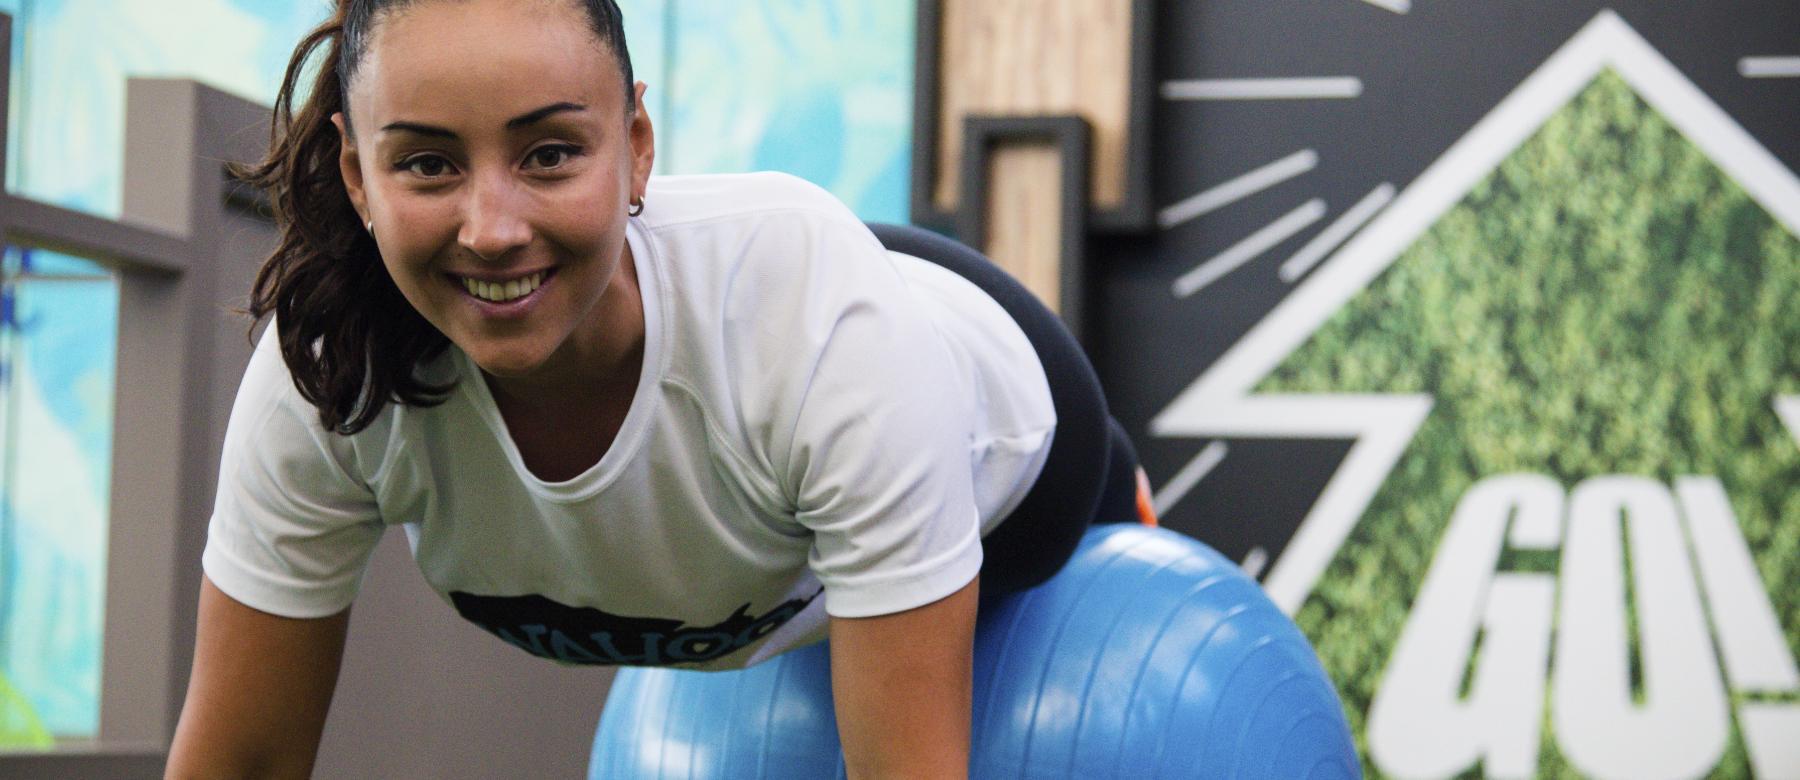 Mejore su rendimiento físico y su calidad de vida.